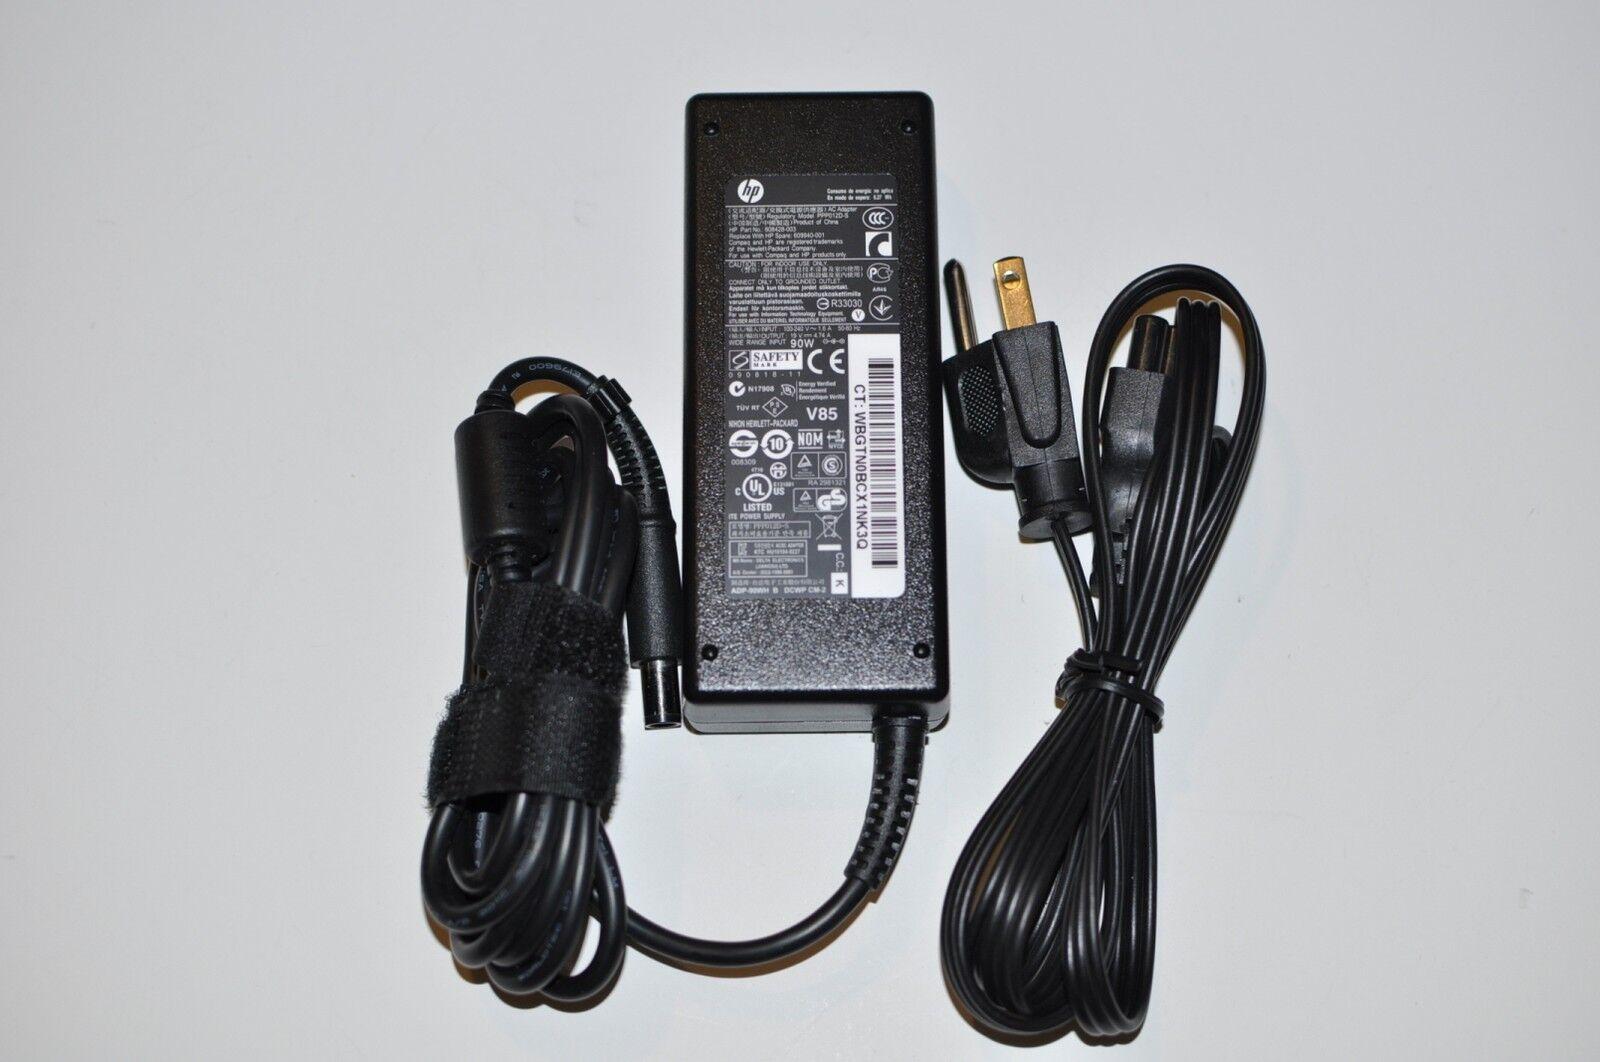 HP Probook 4516s 4535s 4540s 90w Smart Ac Power Adapter 6...